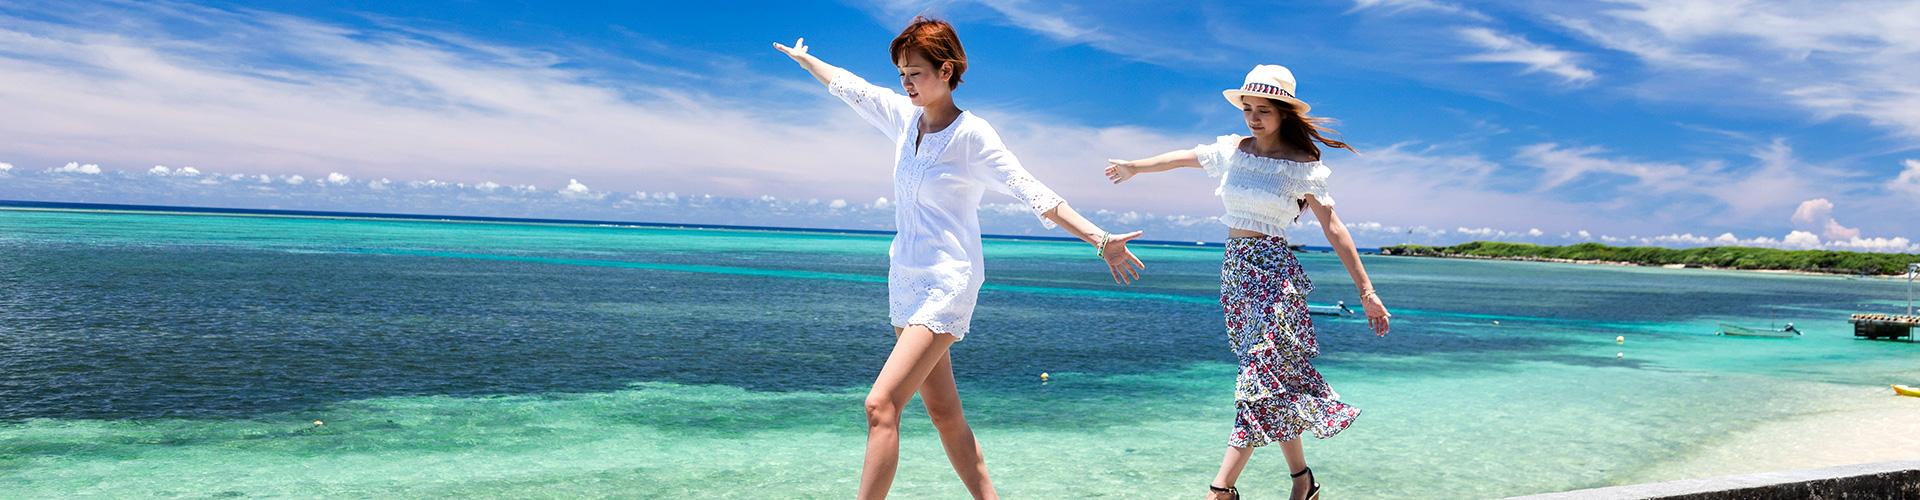 沖縄旅行・沖縄ツアー|おすすめ...